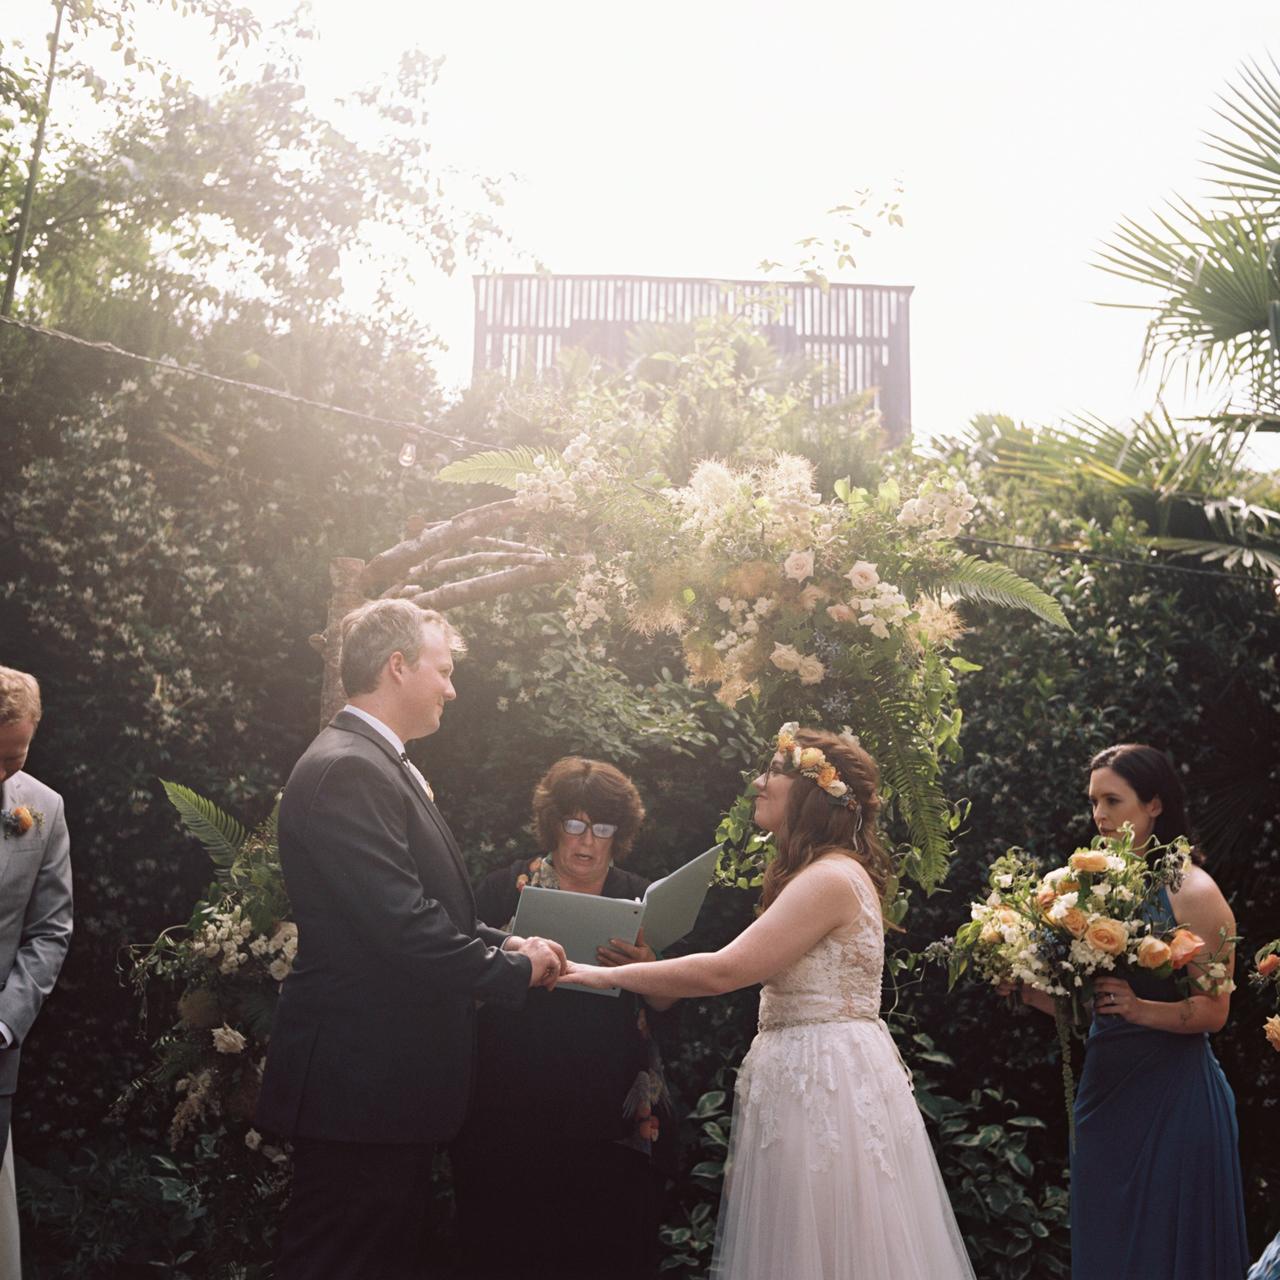 kennedy-school-mcmenamins-portland-wedding-077.JPG